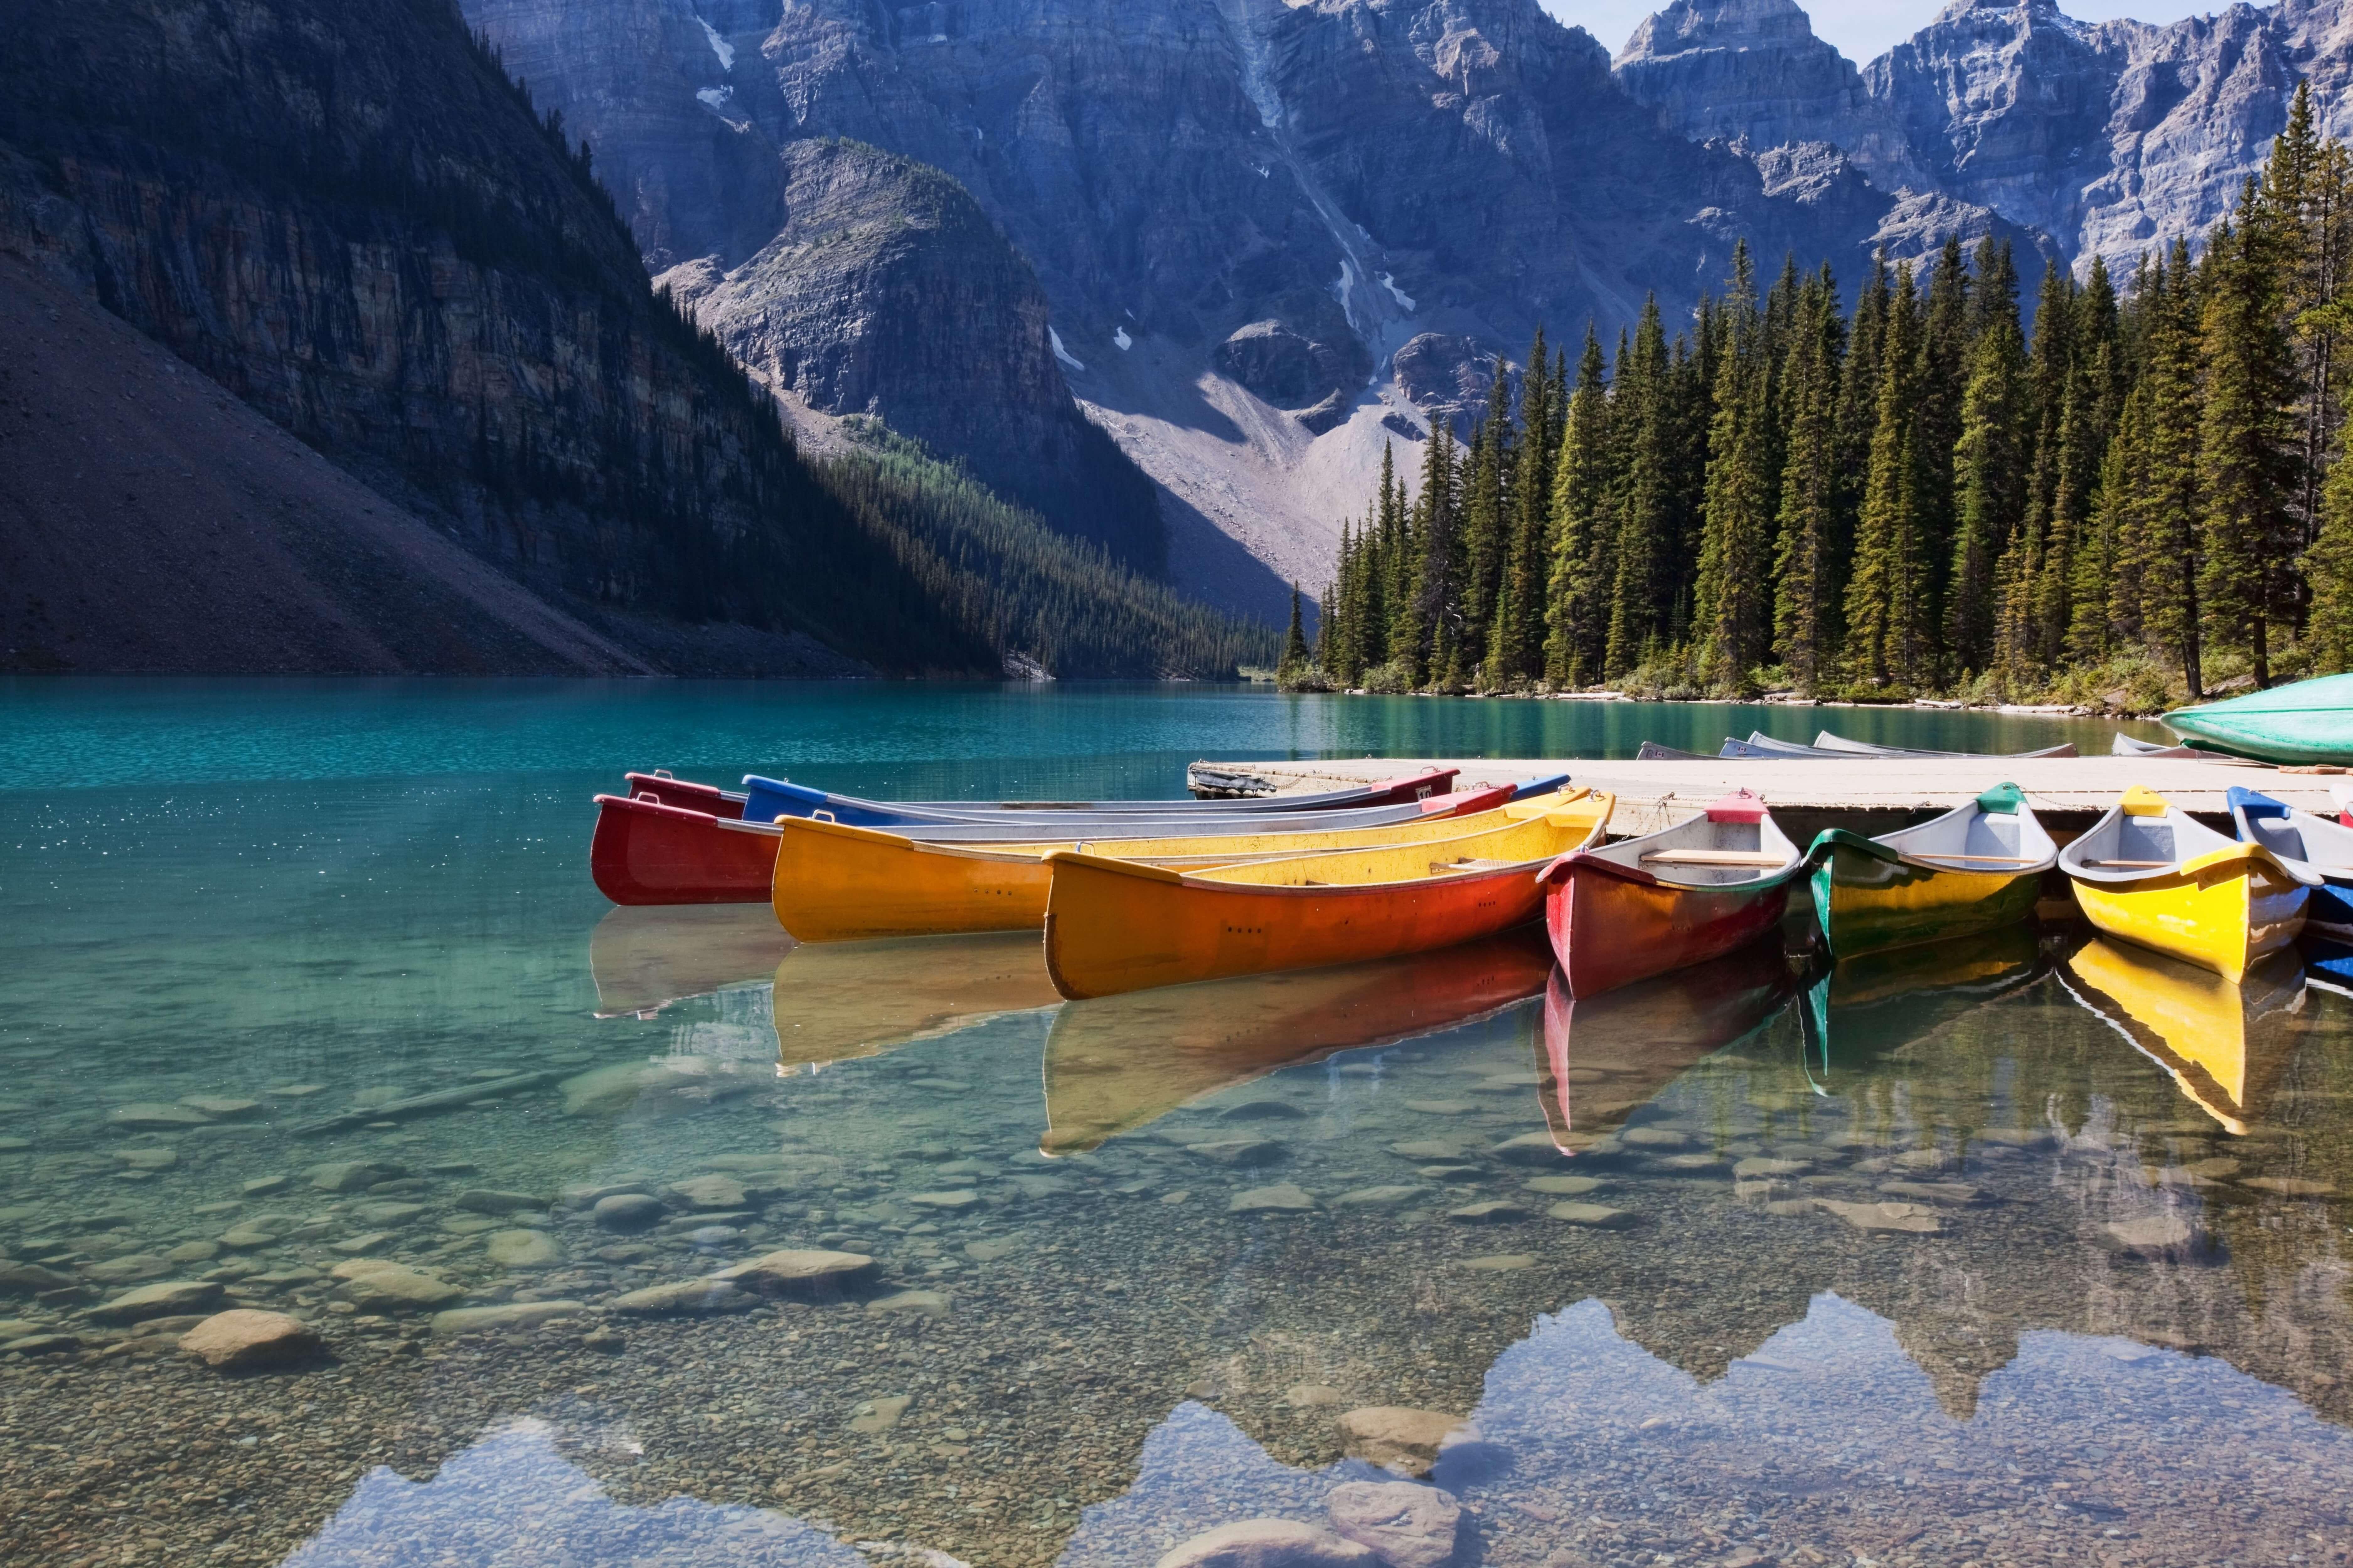 湖に浮かぶカヌー